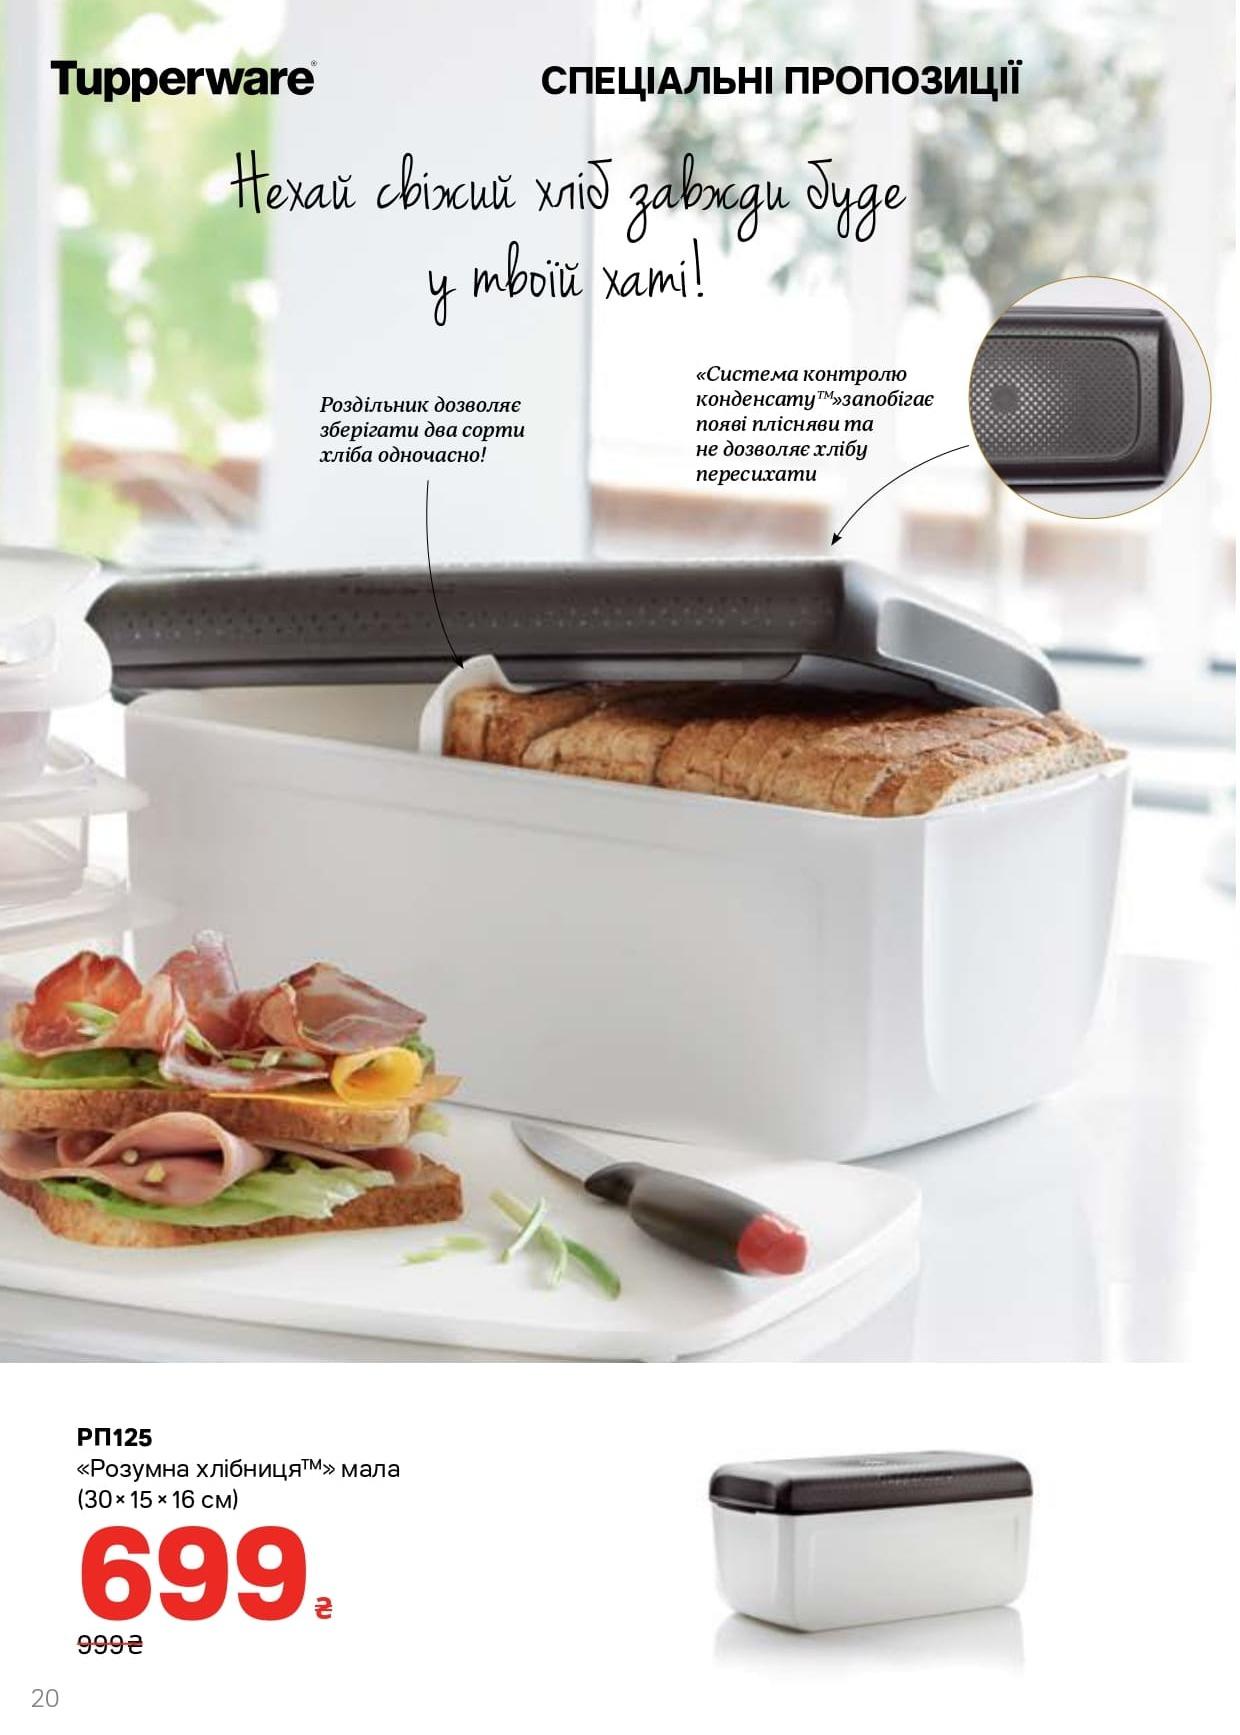 Хлебница Tupperware малая, цена 699,00 гривен действительна до 4 мая 2021 года.